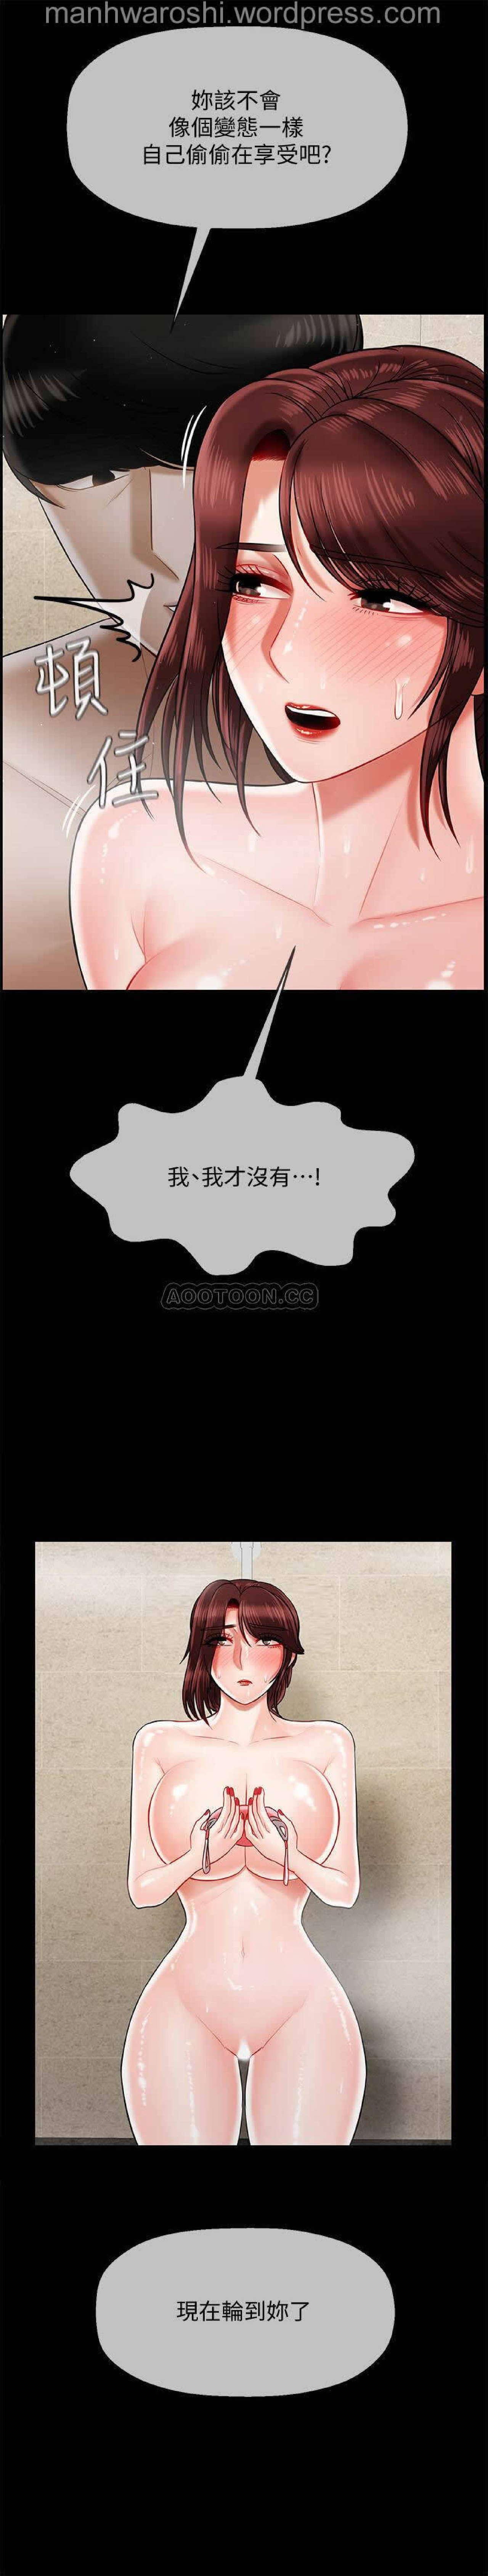 坏老师   PHYSICAL CLASSROOM 18 [Chinese] Manhwa 31